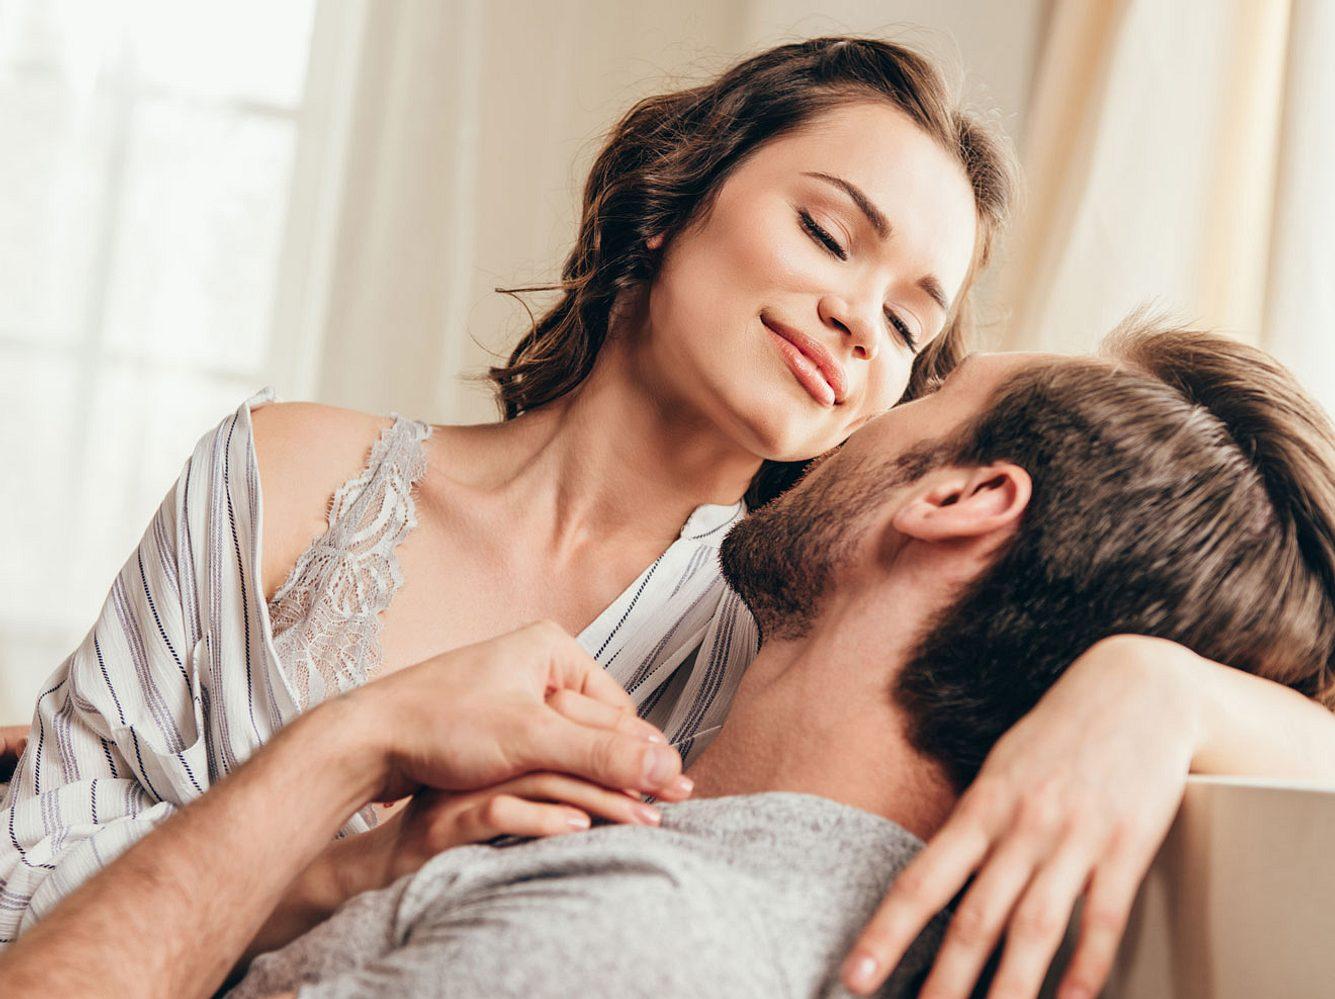 Der Kinderwunsch kann eine harte Prüfung für eine Beziehung sein.